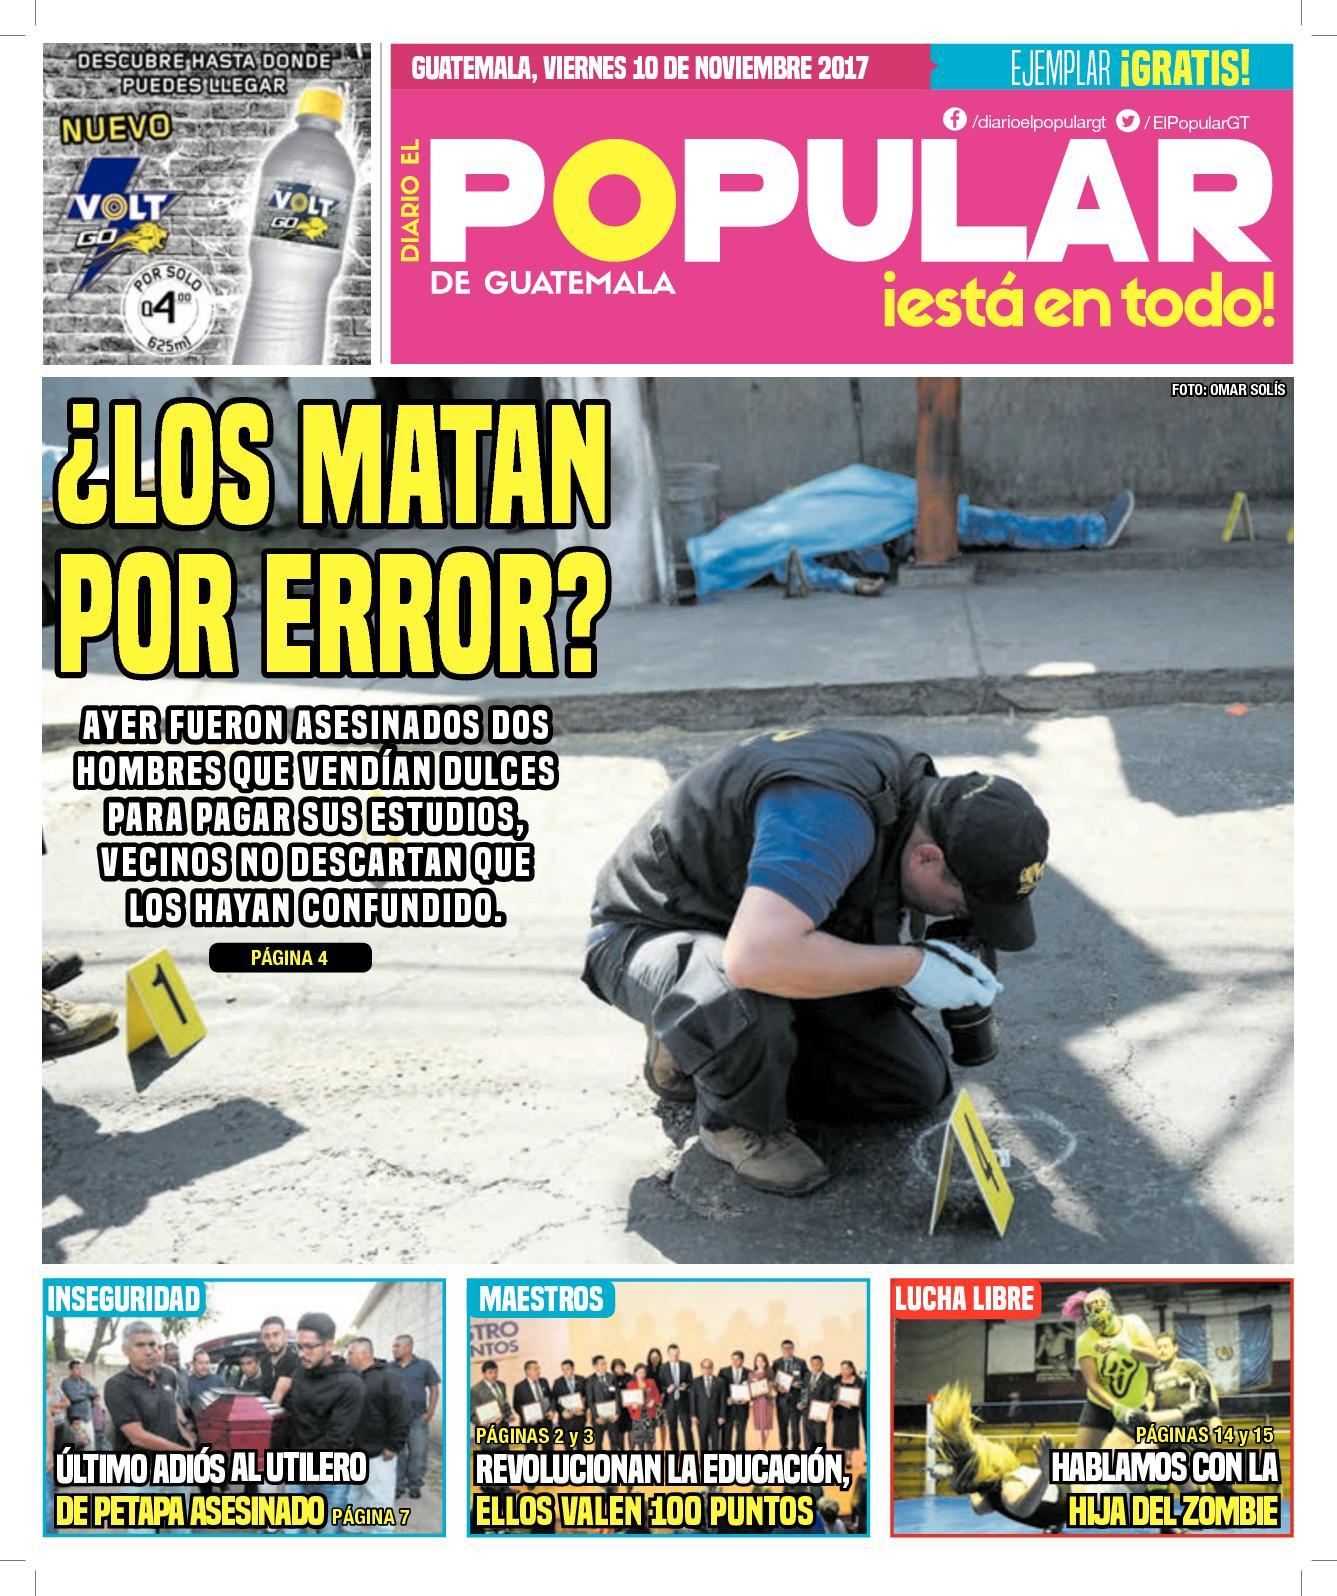 EL POPULAR GUATEMALA 10112017